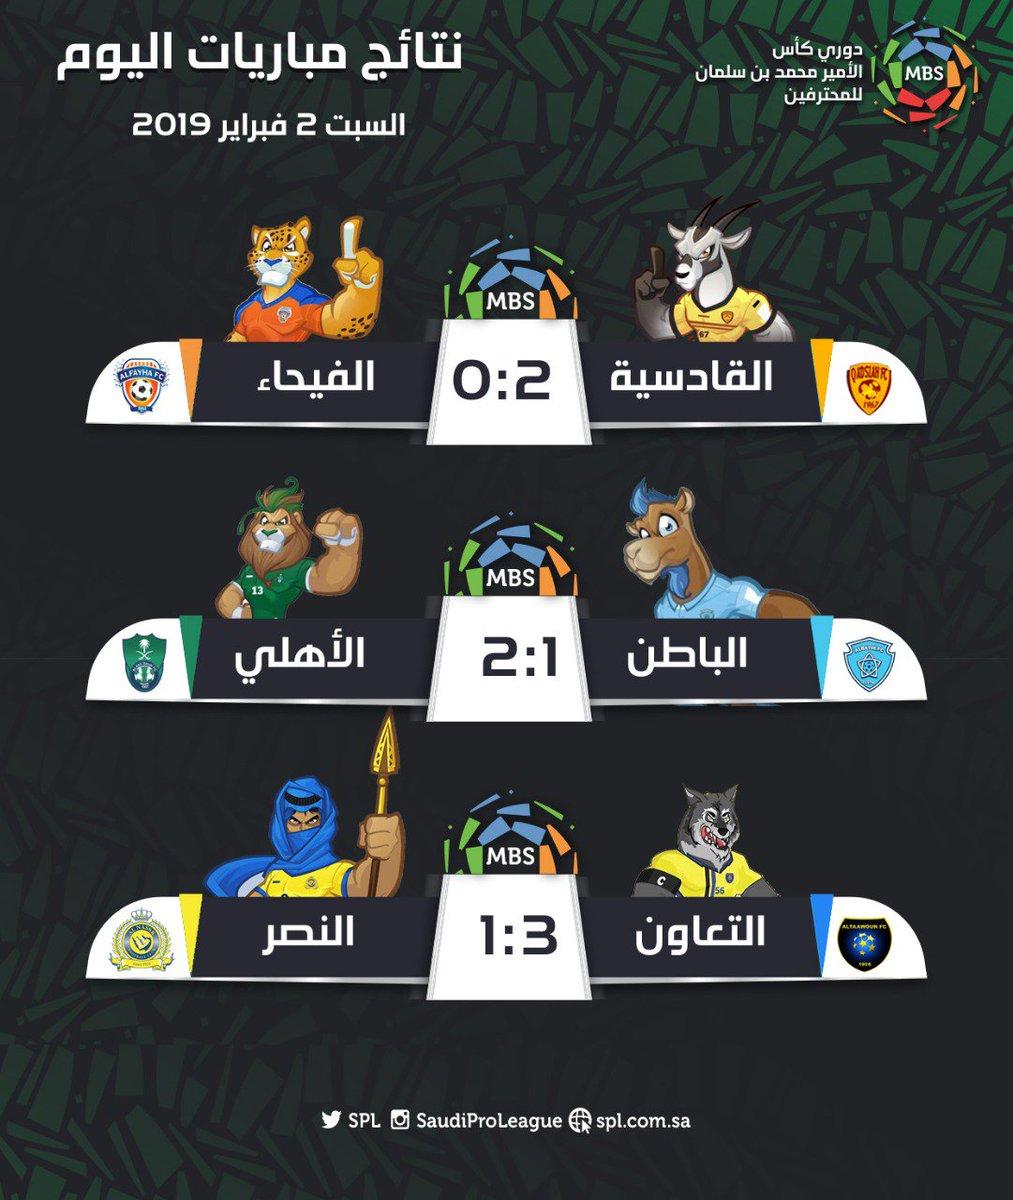 الدوري السعودي للمحترفين A Twitteren 3 مباريات 9